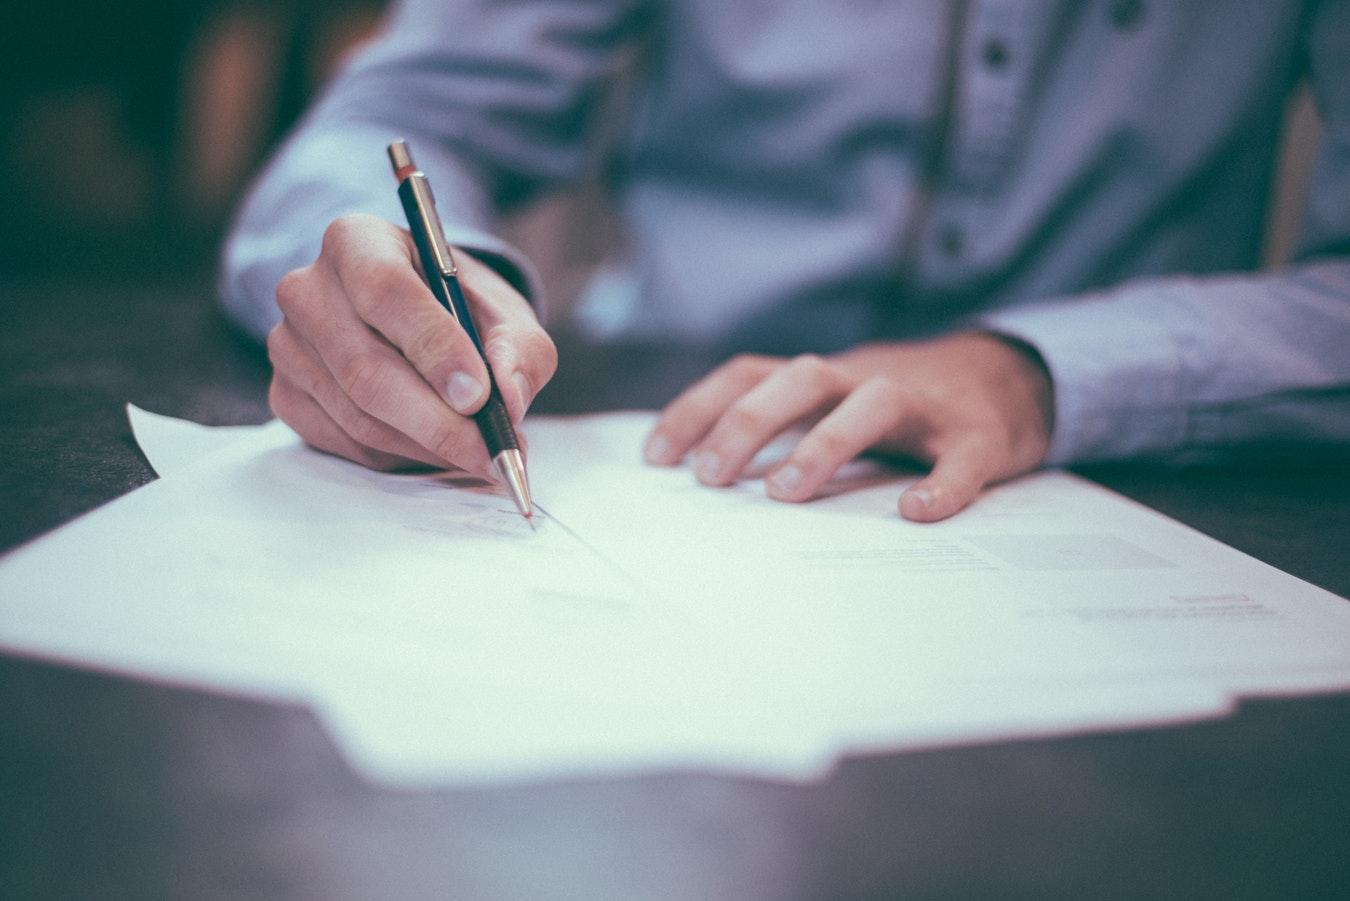 Assinar os documentos